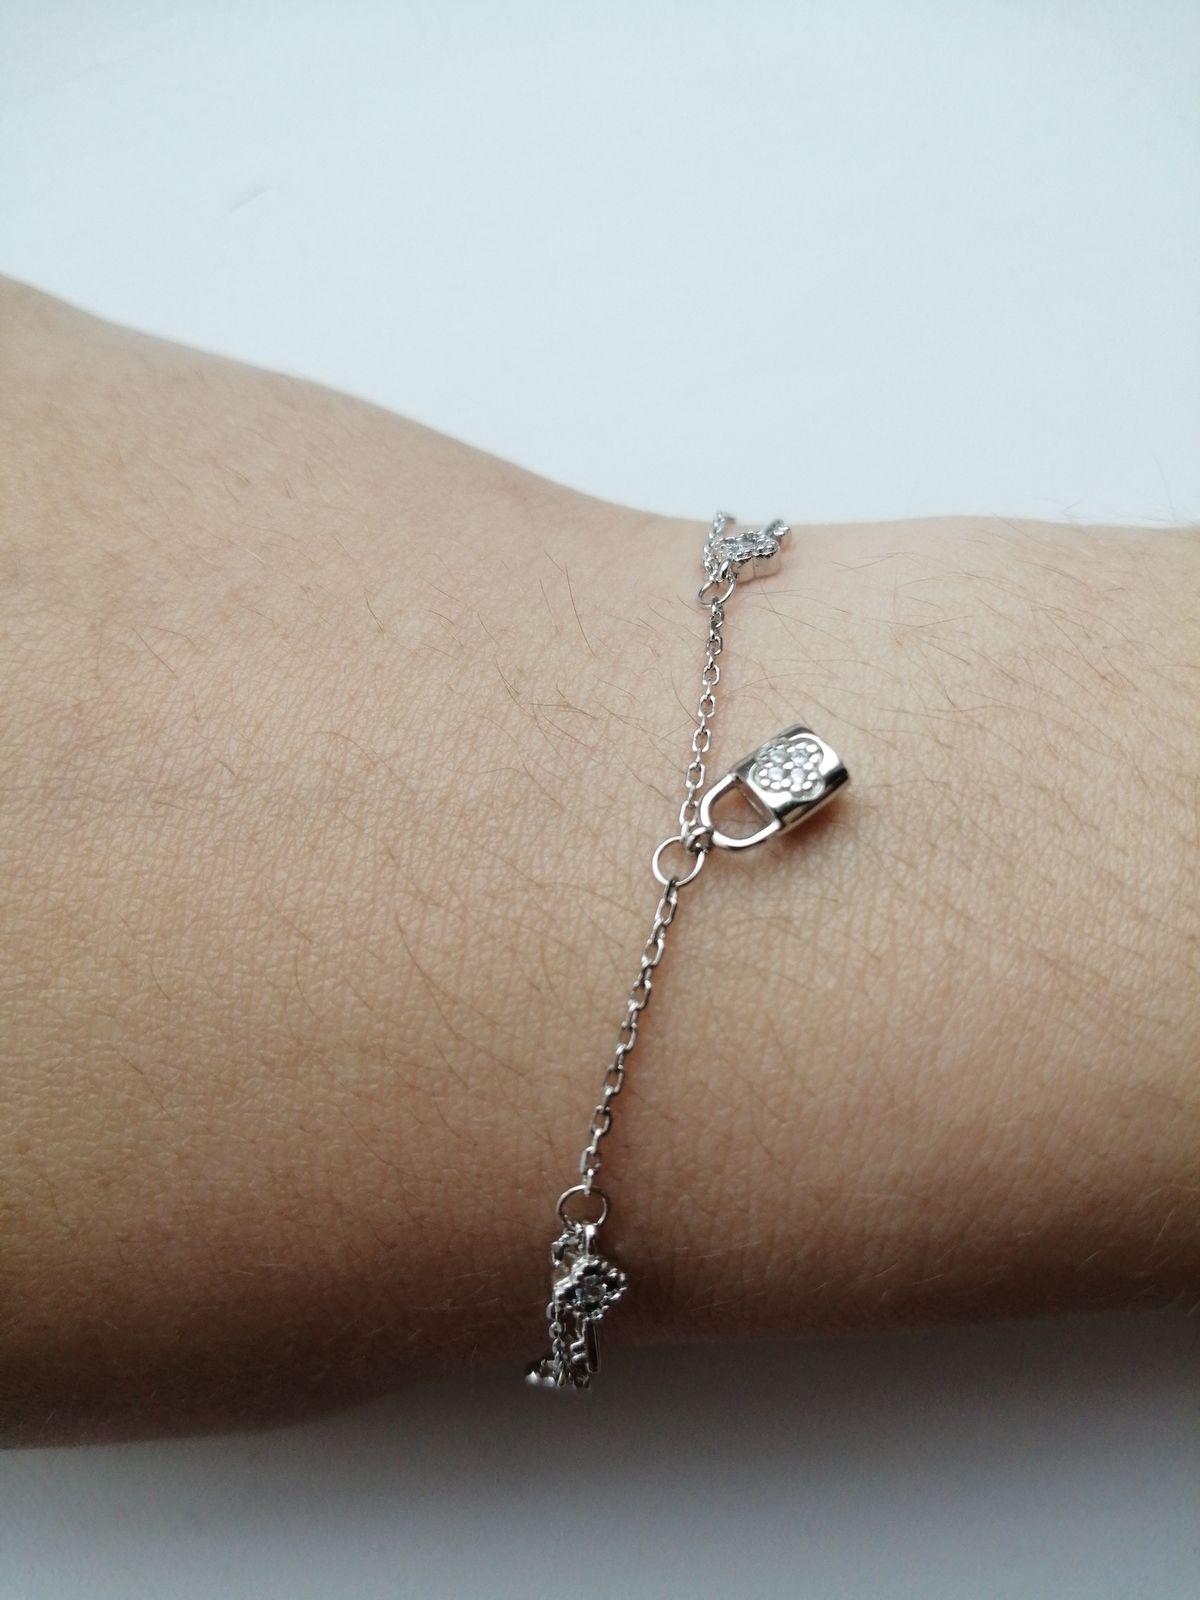 Это первое приобретение у данной фирмы, браслет очень порадовал мою дочь!!!!